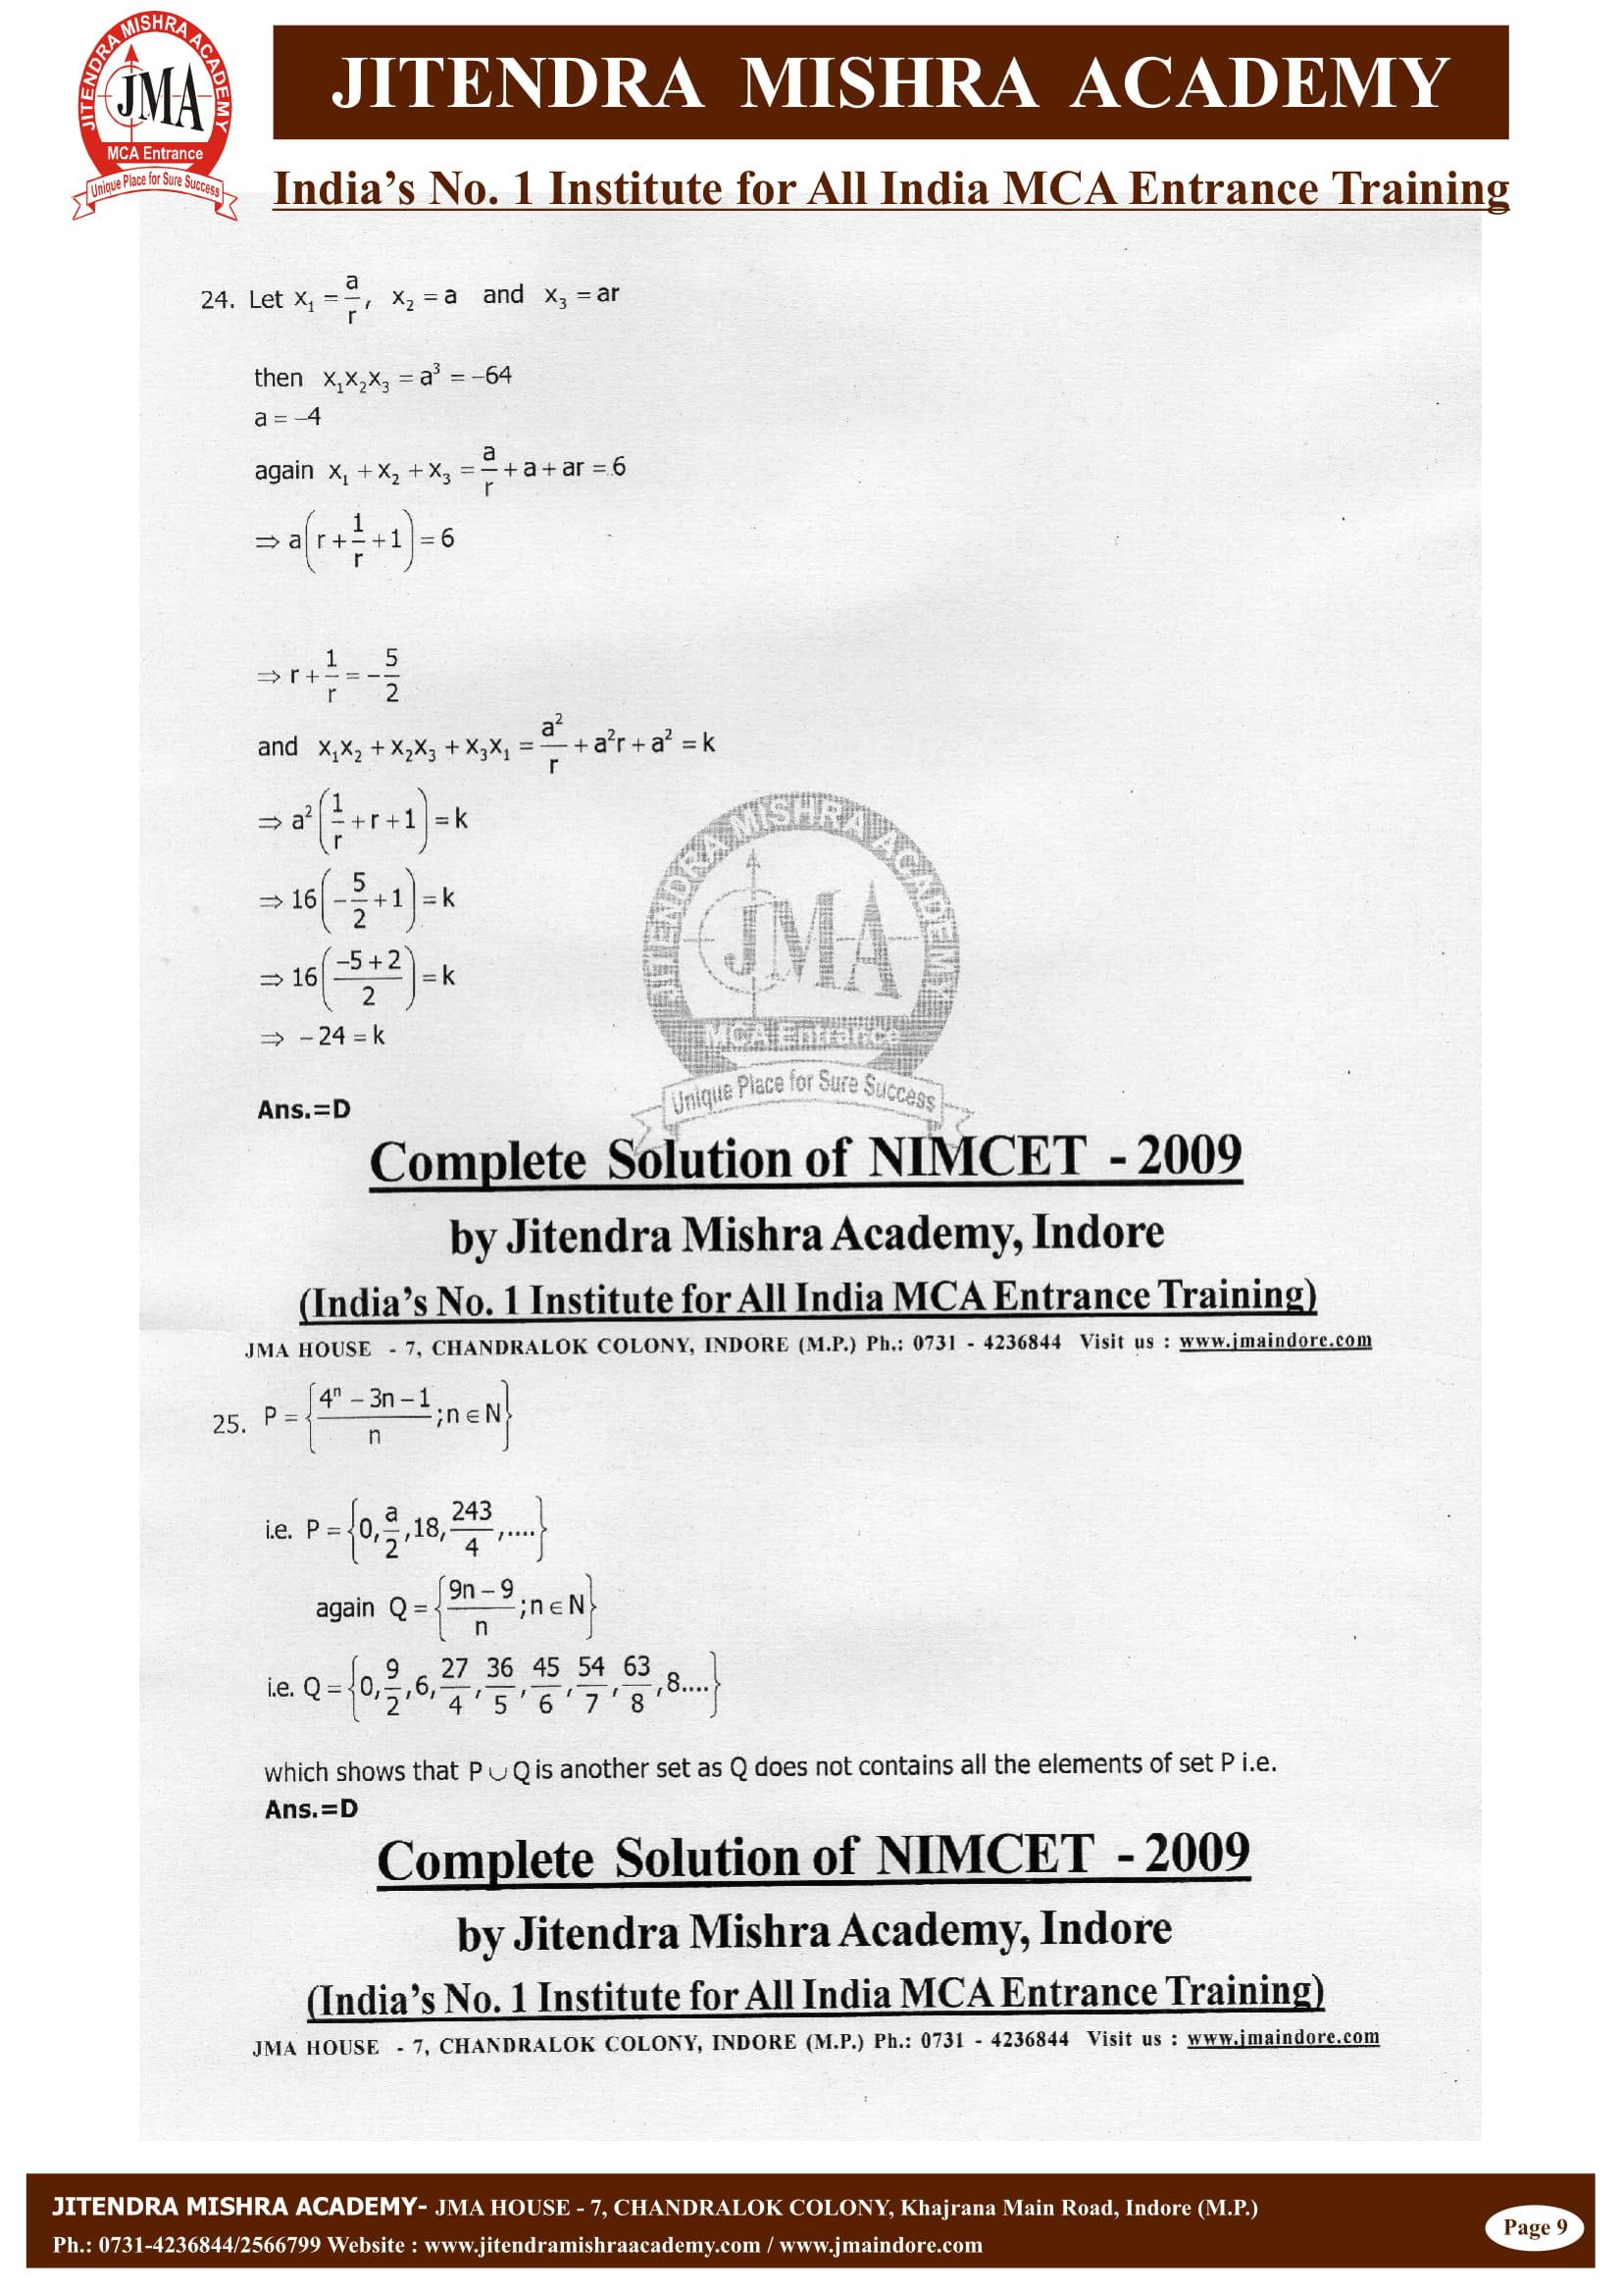 NIMCET - 2009 (SOLUTION)-10